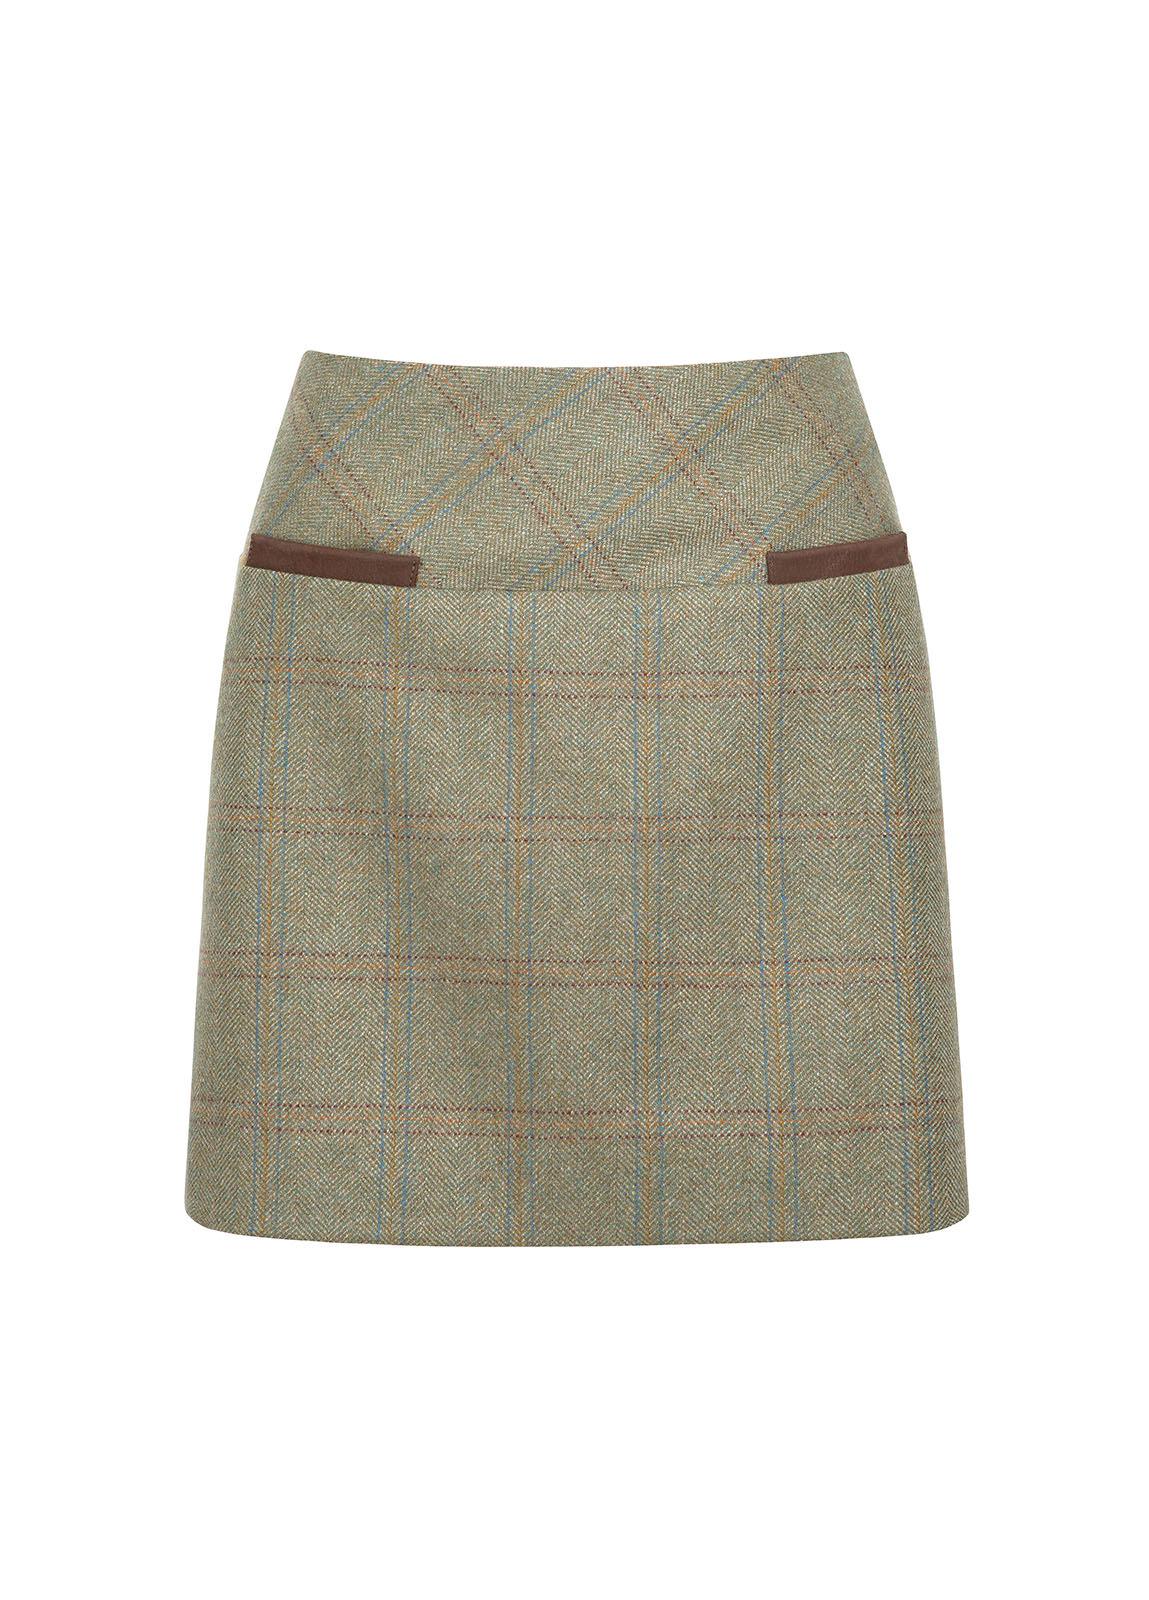 Dubarry_ Clover Tweed Mini Skirt - Acorn_Image_2